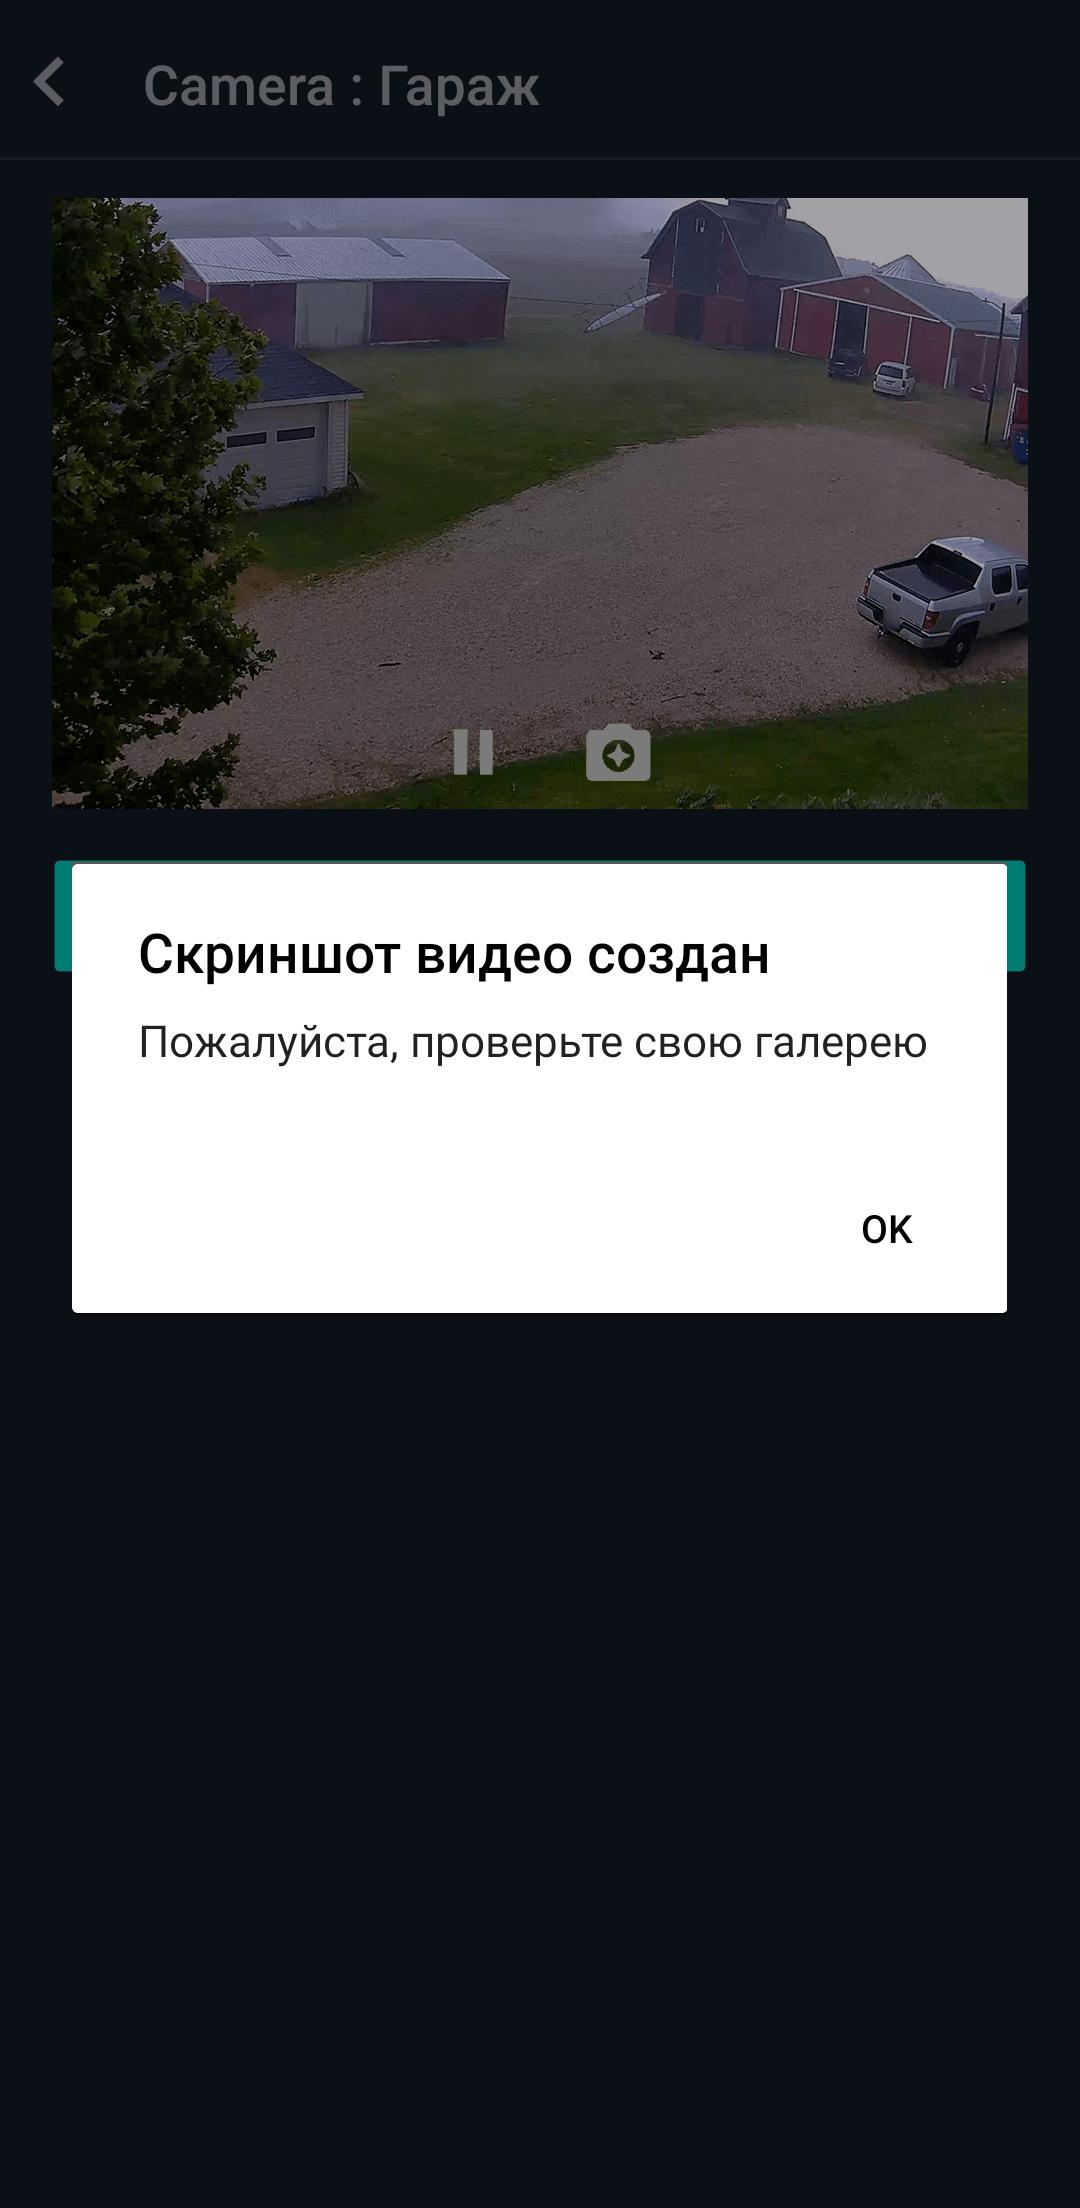 Снимок экрана трансляции с камеры наблюдения в приложении Propuskator